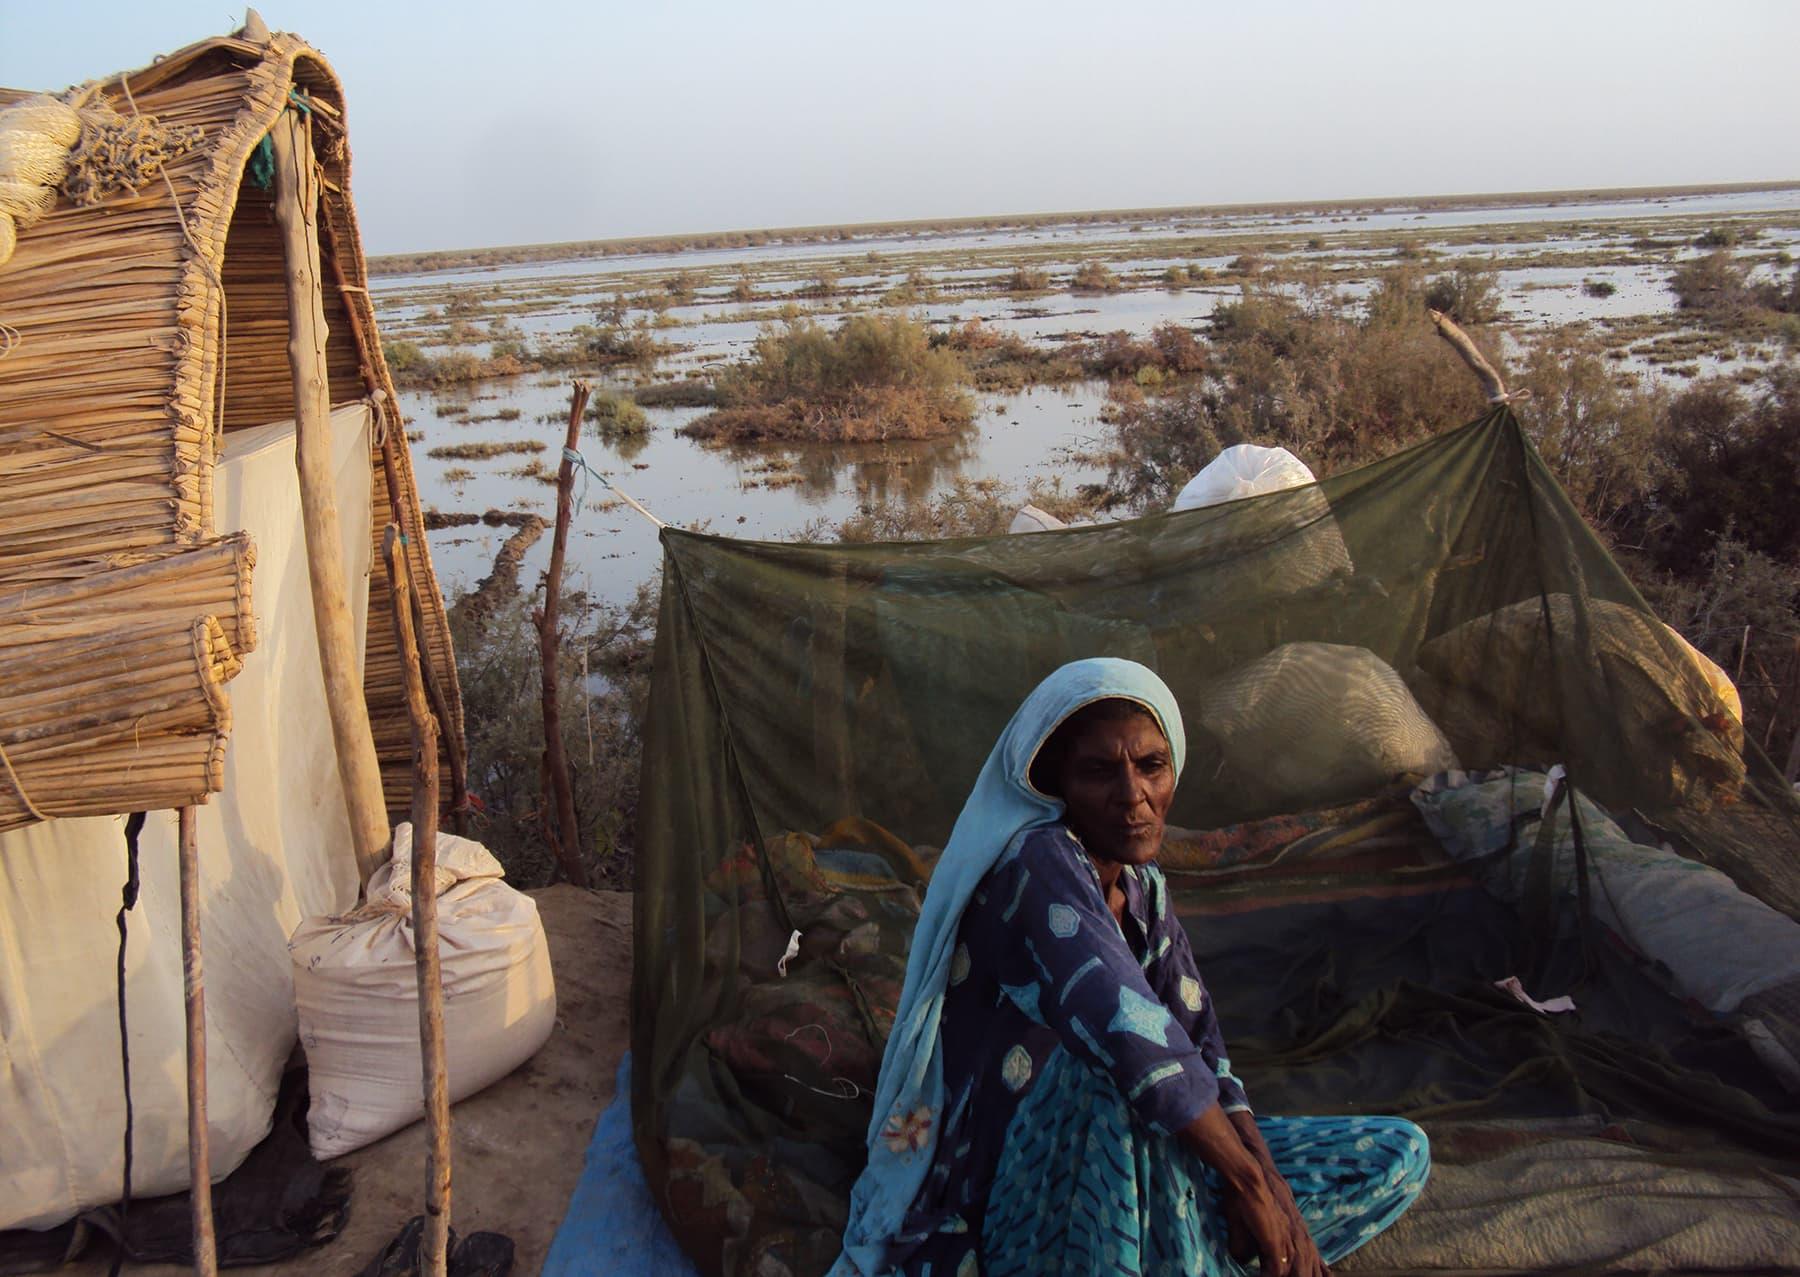 '1999ء والے طوفان سے پہلے، جب نریڑی کو کسی کی نظر نہیں لگی تھی اور وہ جوان تھی، تب سب خوش تھے'—تصویر ابوبکر شیخ